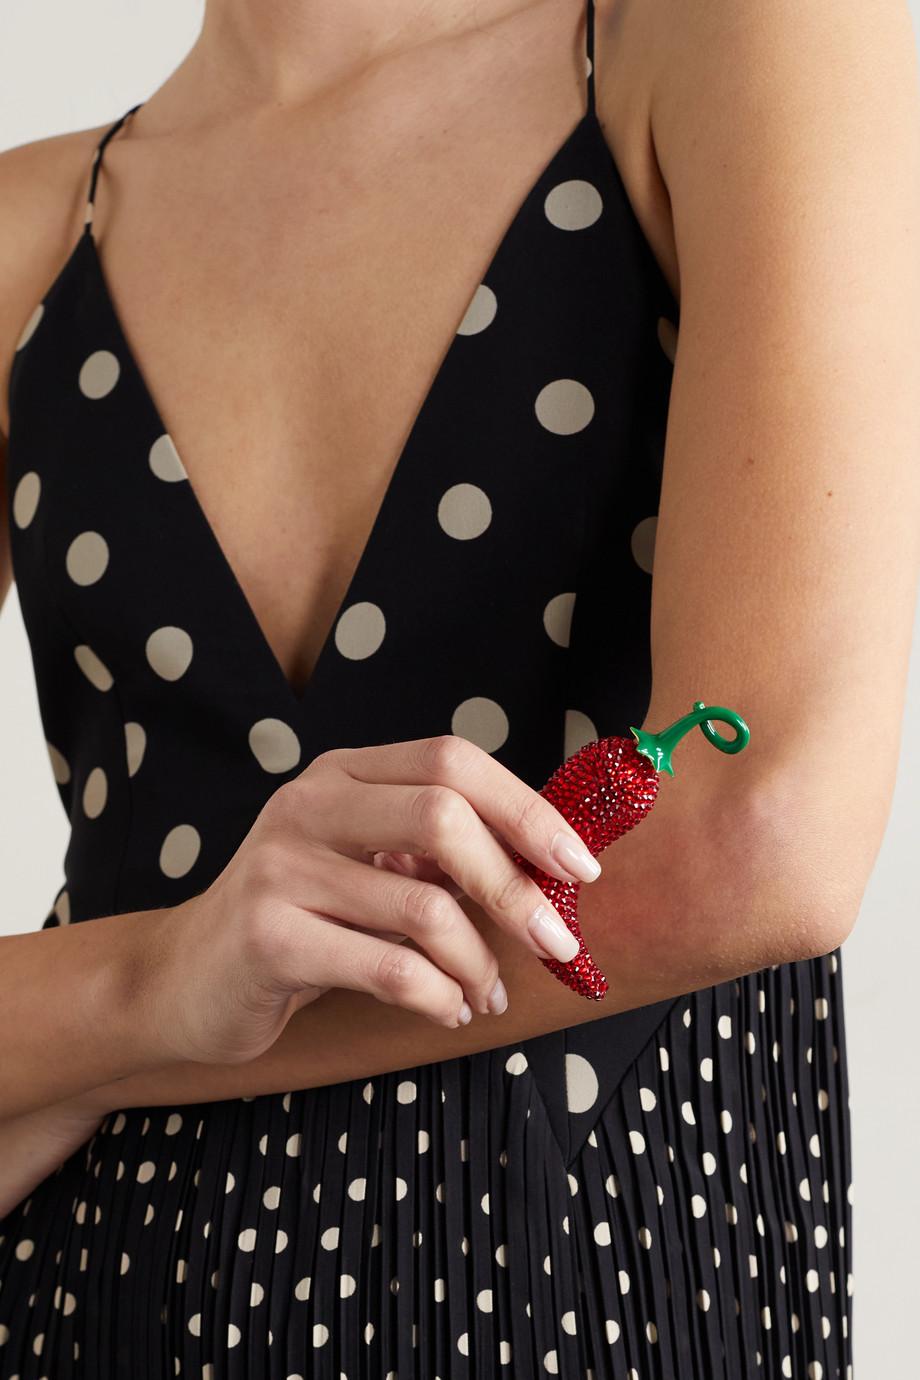 Judith Leiber Couture Chilli Pepper Döschen mit Kristallen und goldfarbenen Details